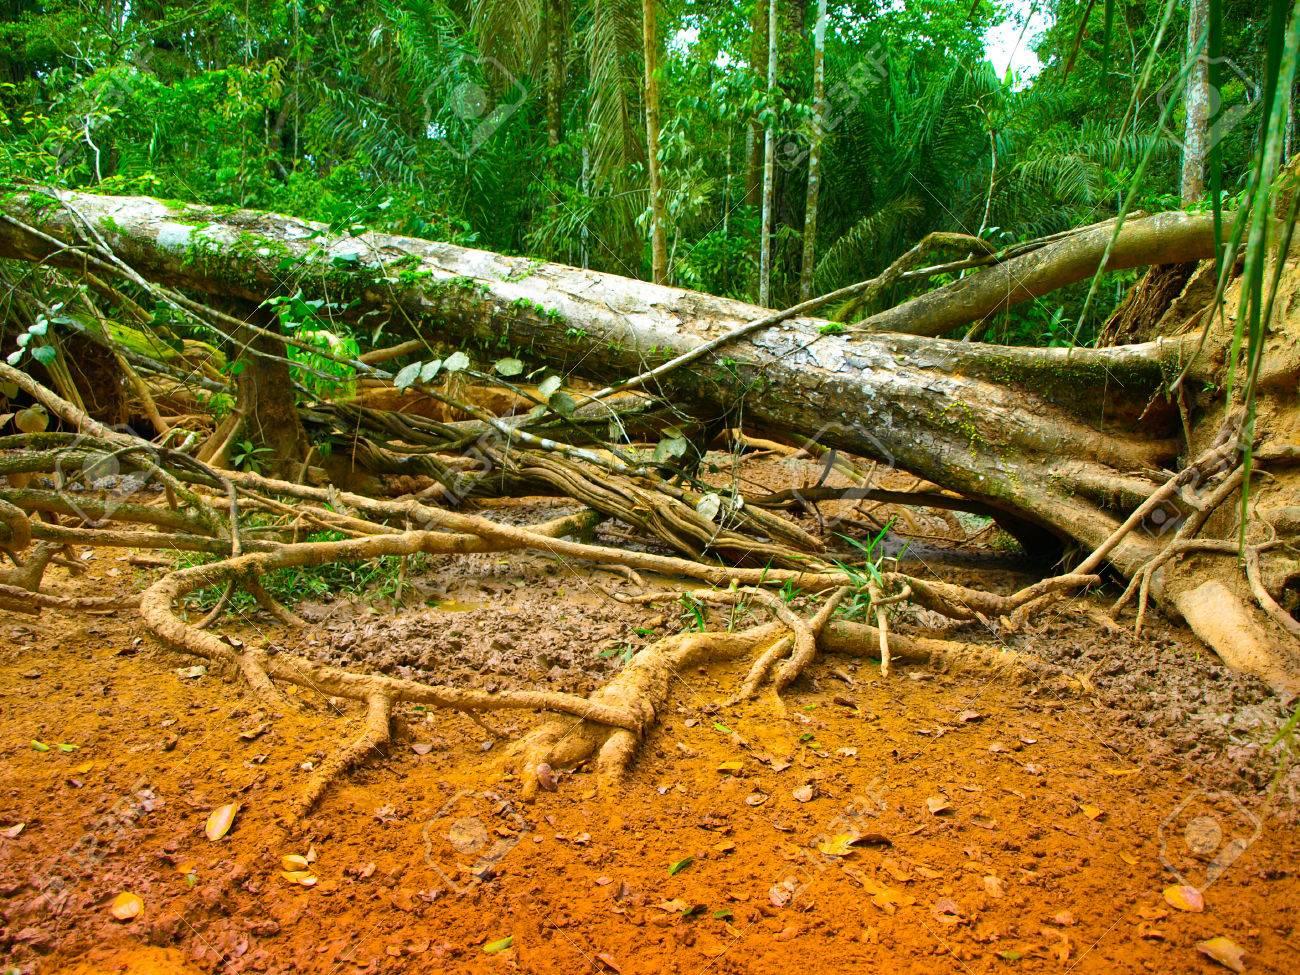 Gefallener Baum Im Amazonas Regenwald Den Kontrast Von Grun Und